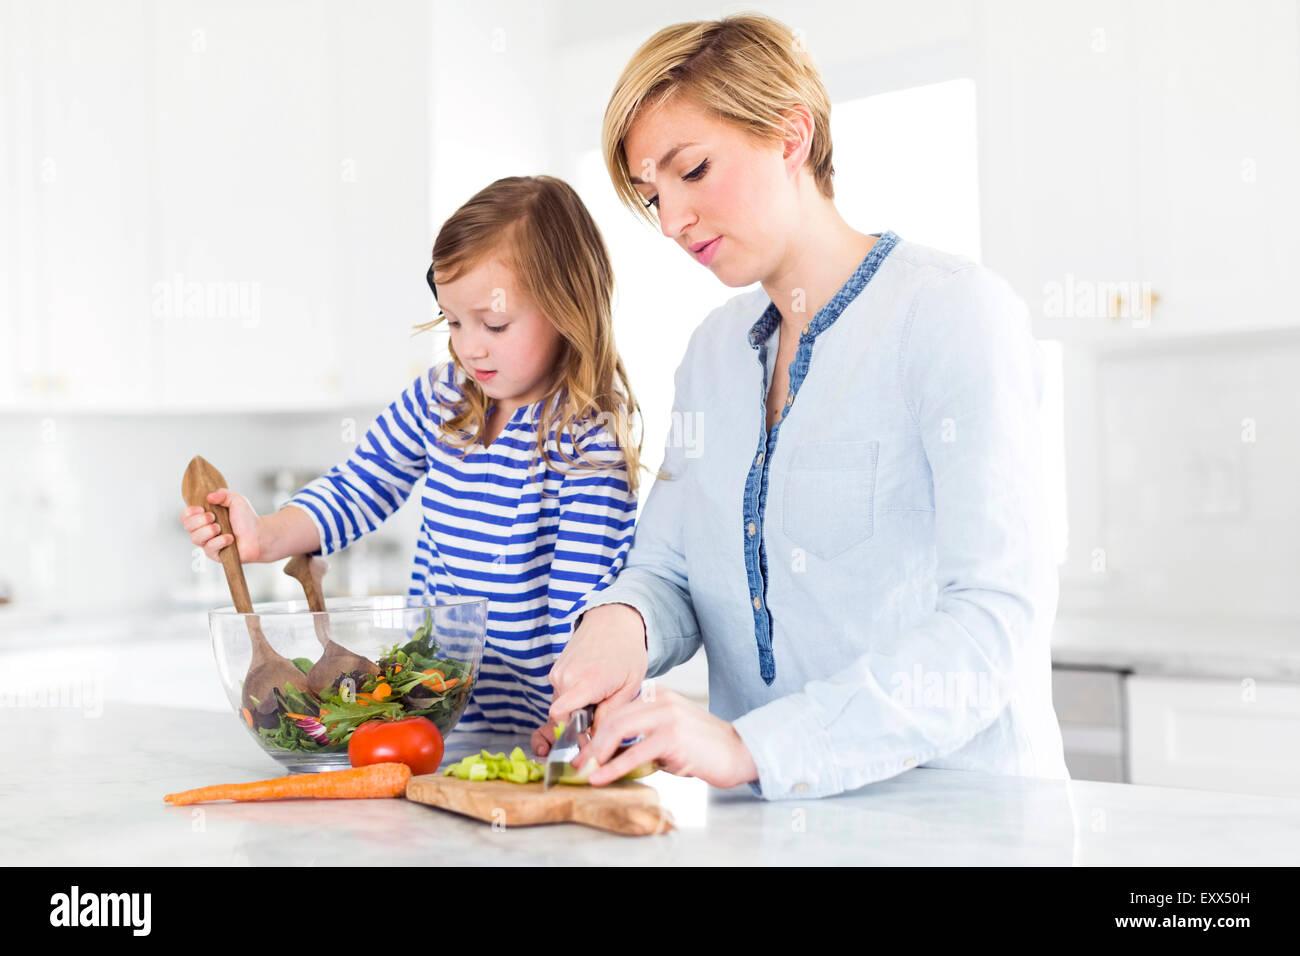 Mère et fille (4-5) preparing salad Photo Stock